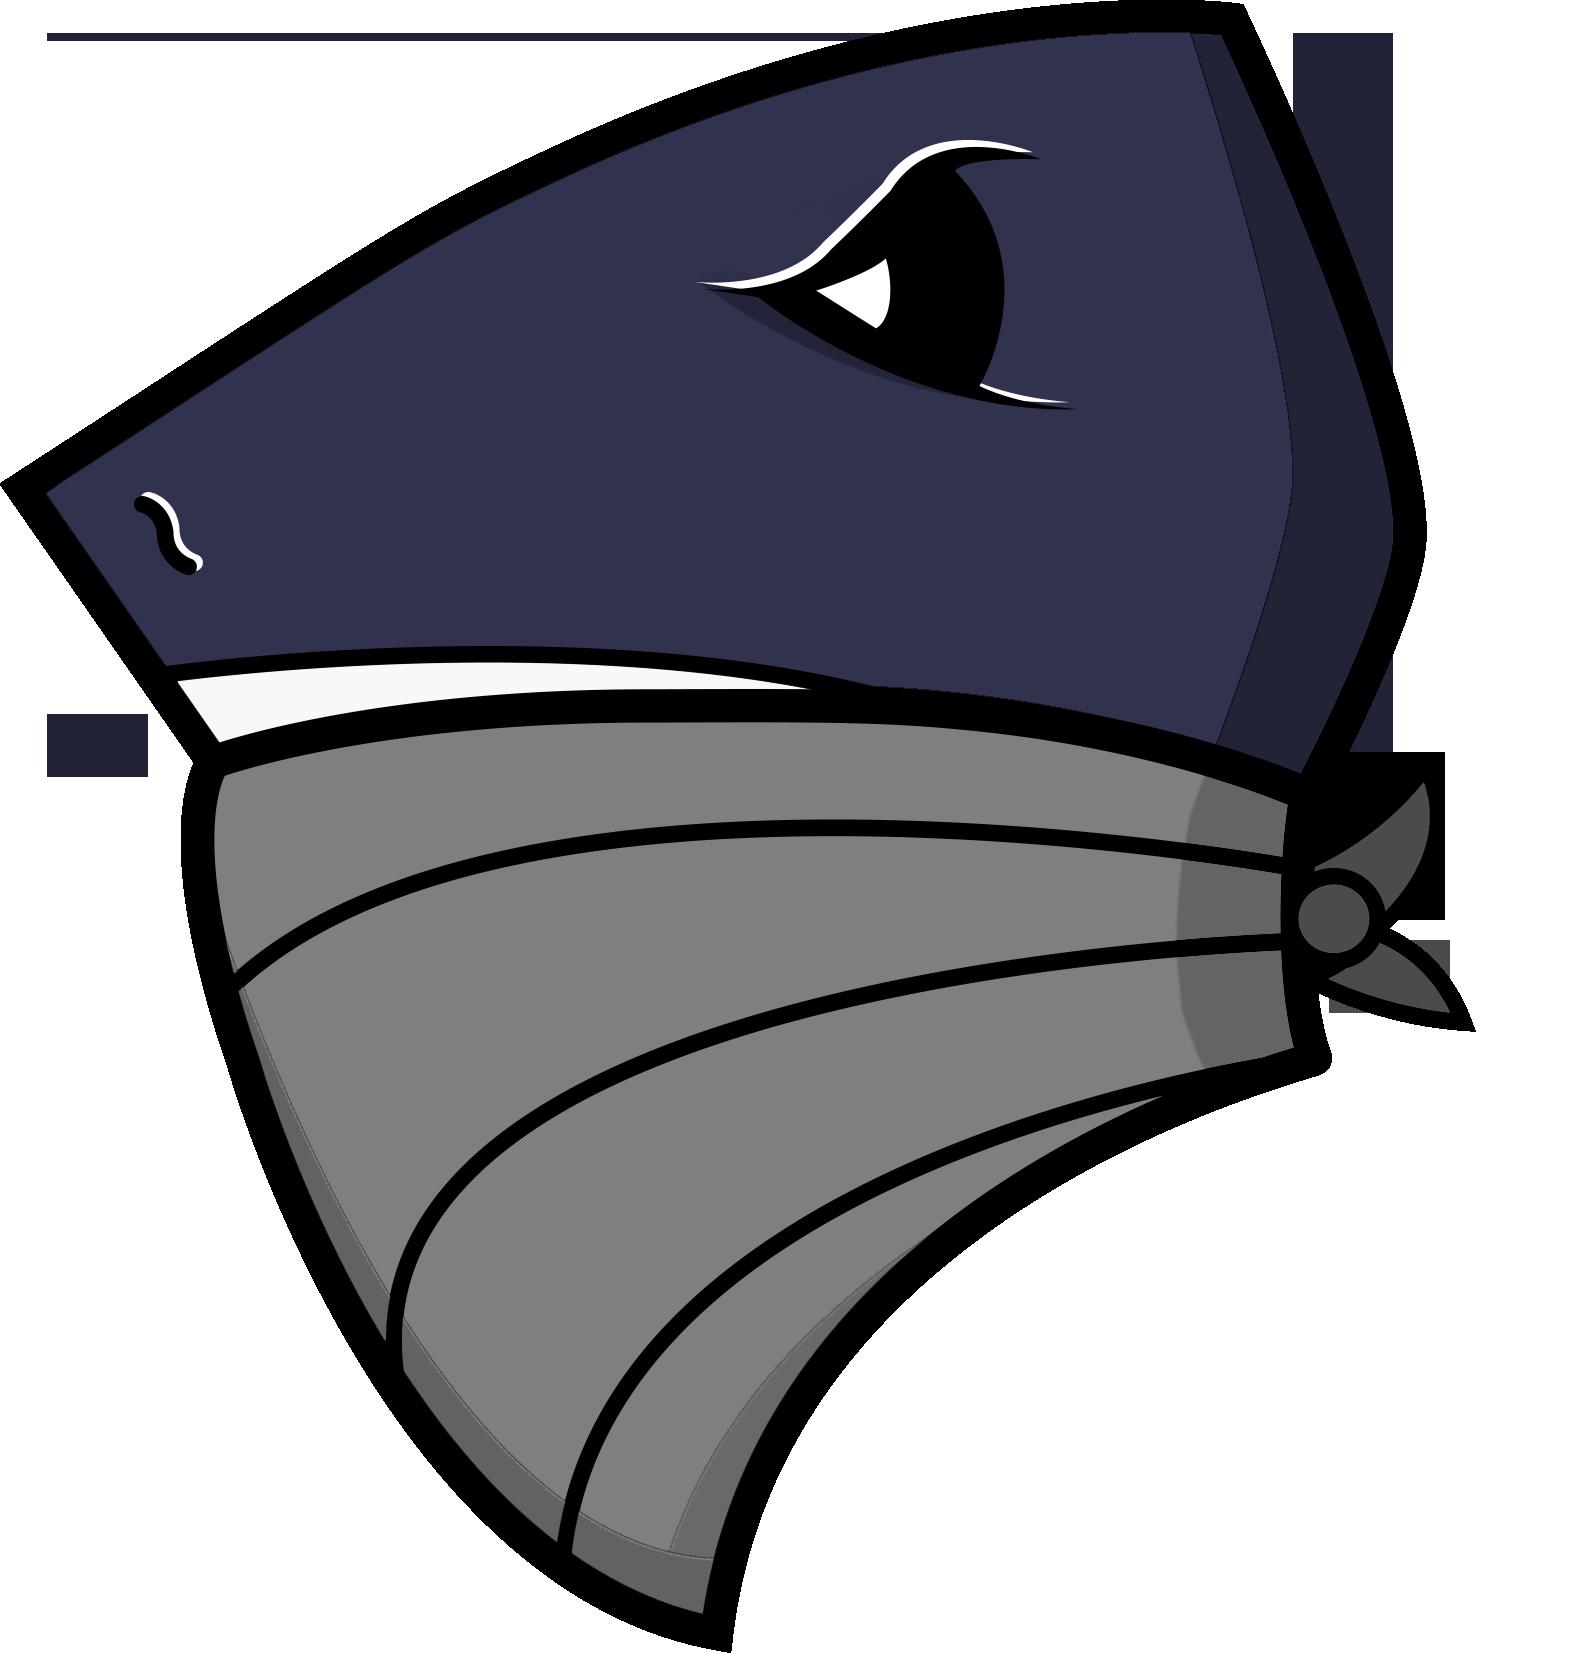 Clipart shark vector. American football style logo